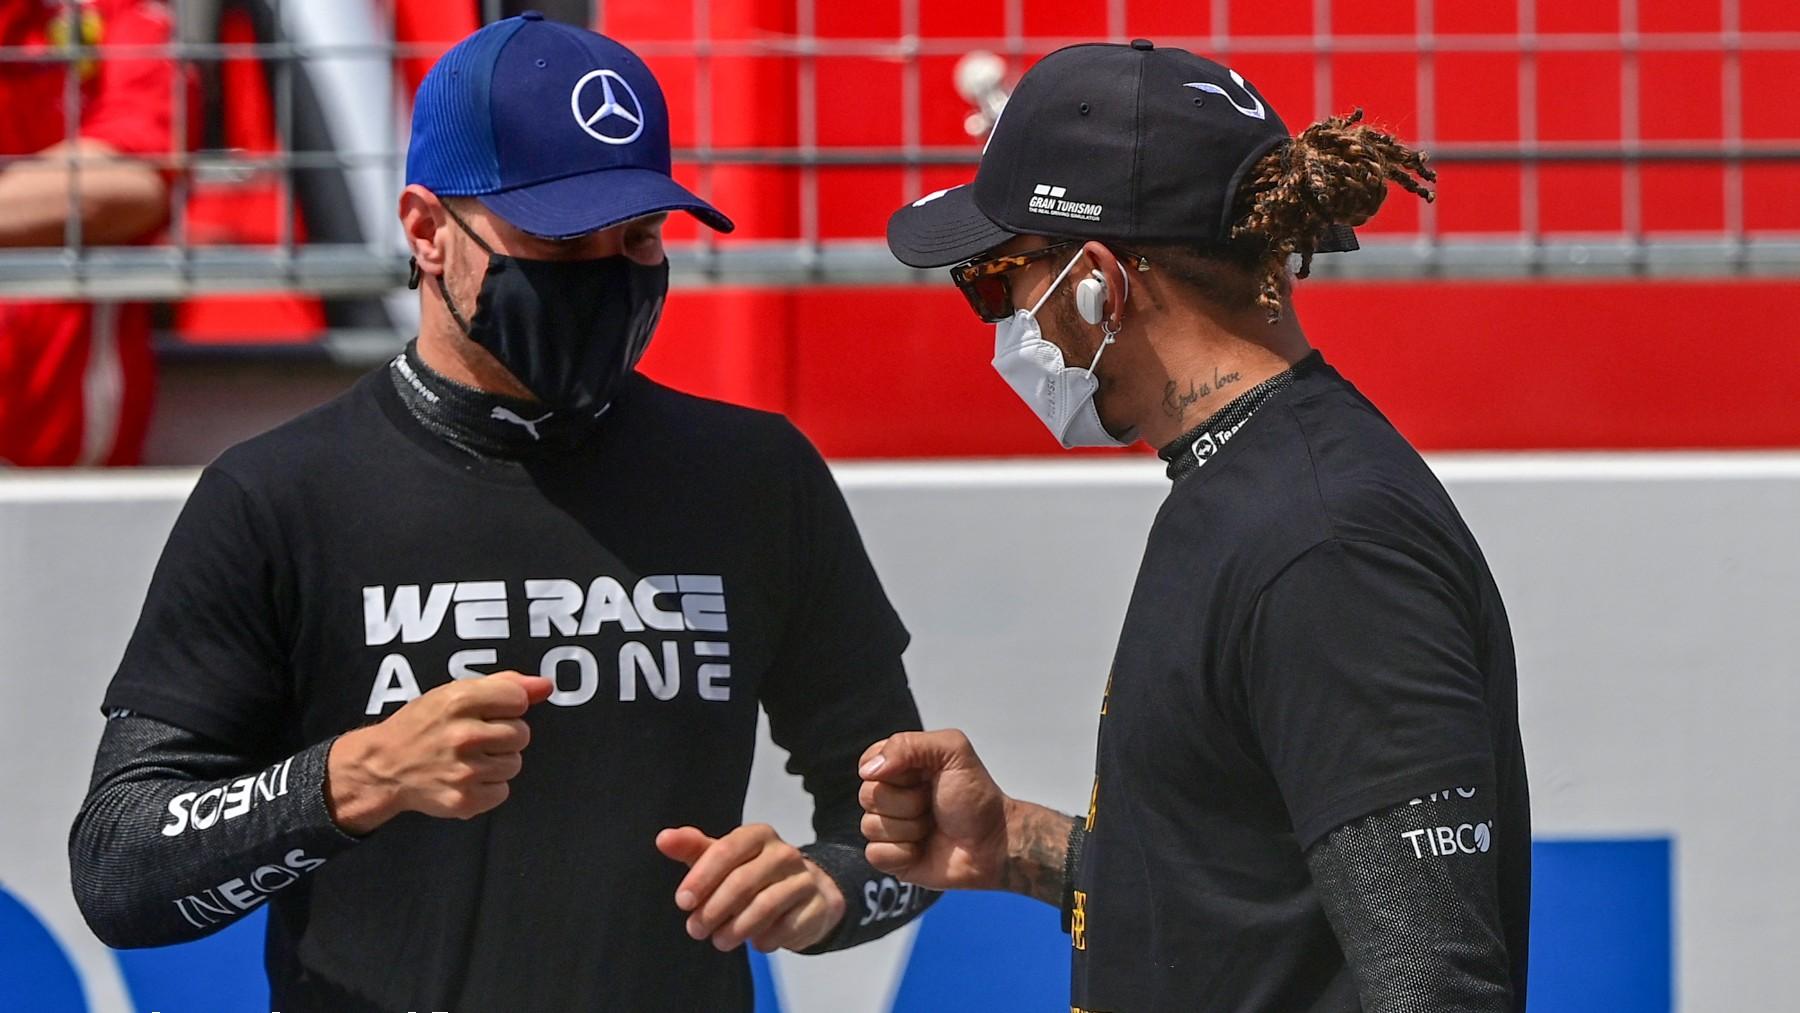 Valtteri Bottas y Lewis Hamilton antes de un Gran Premio de Fórmula 1.